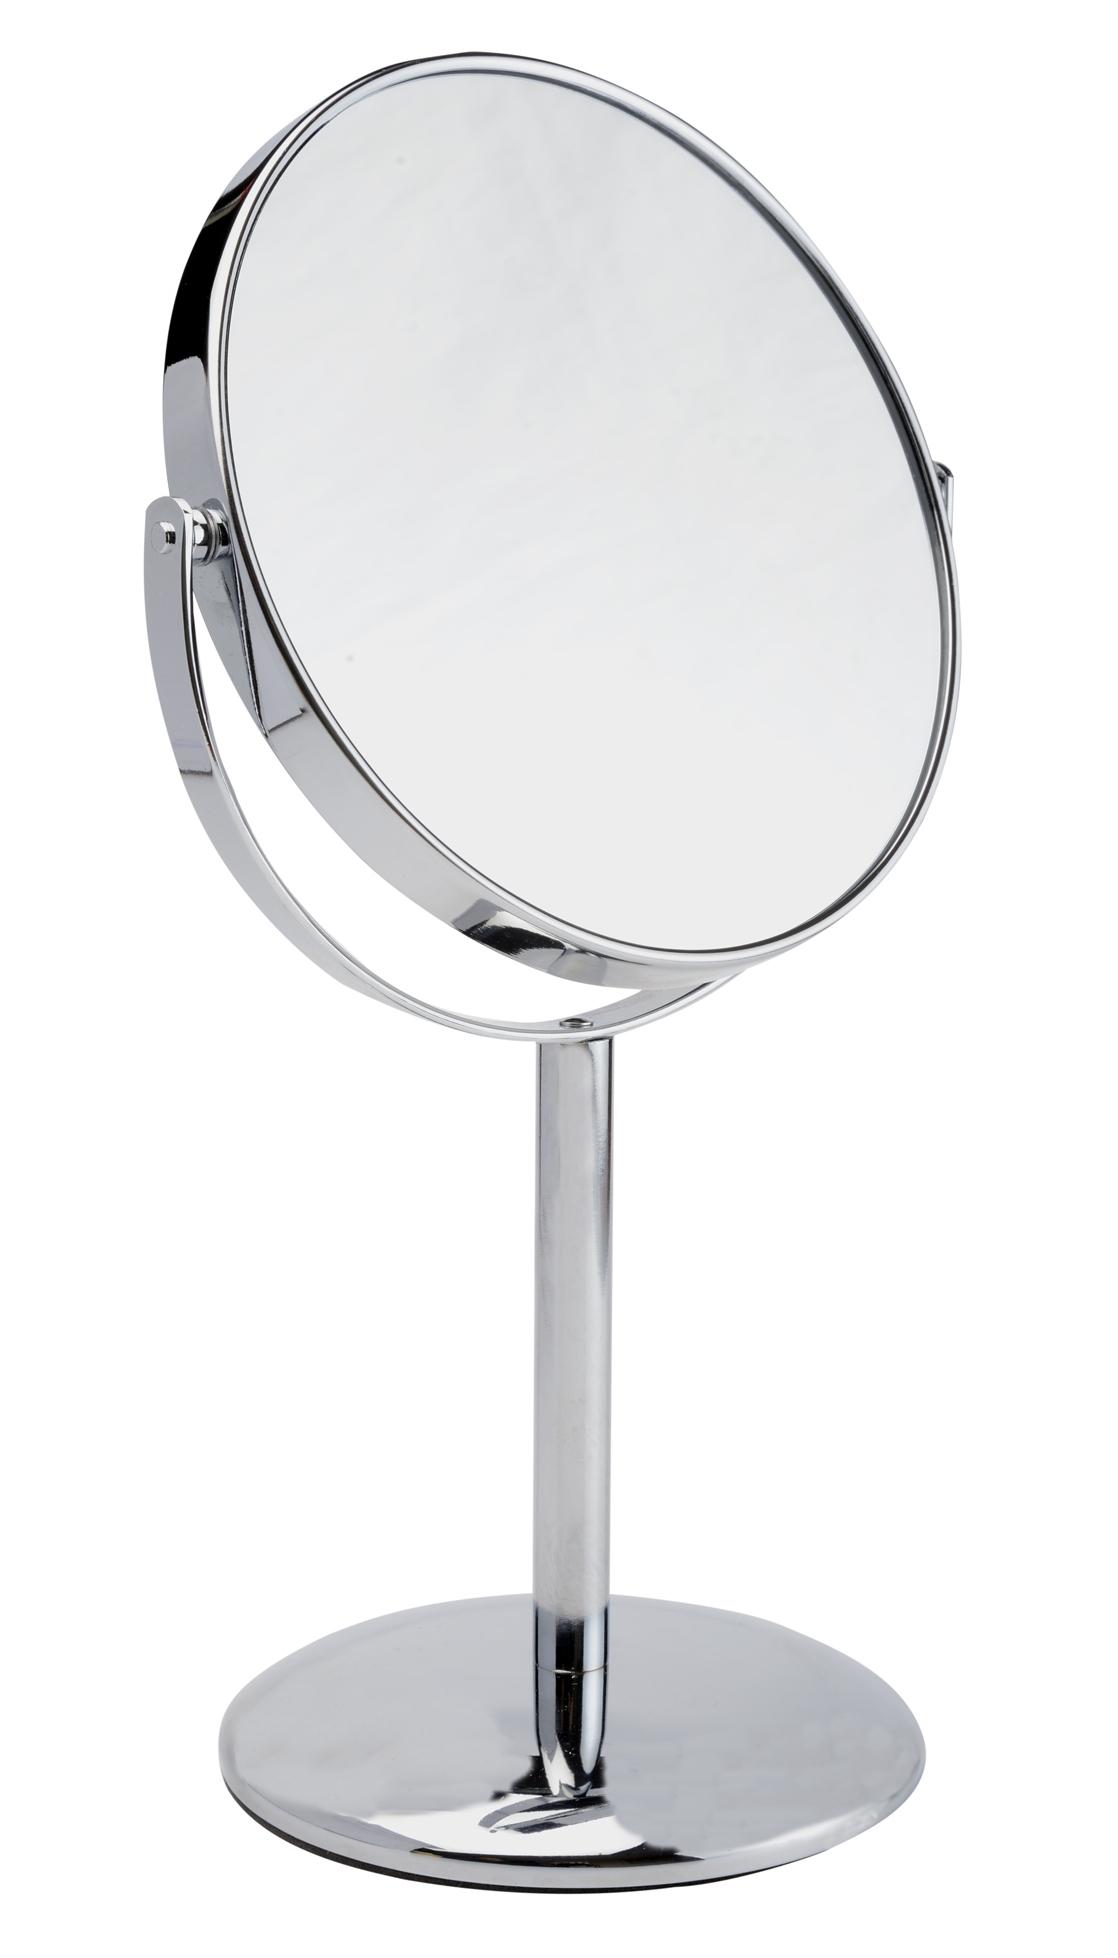 GEZATONE Зеркало косметологическое LM874 фото